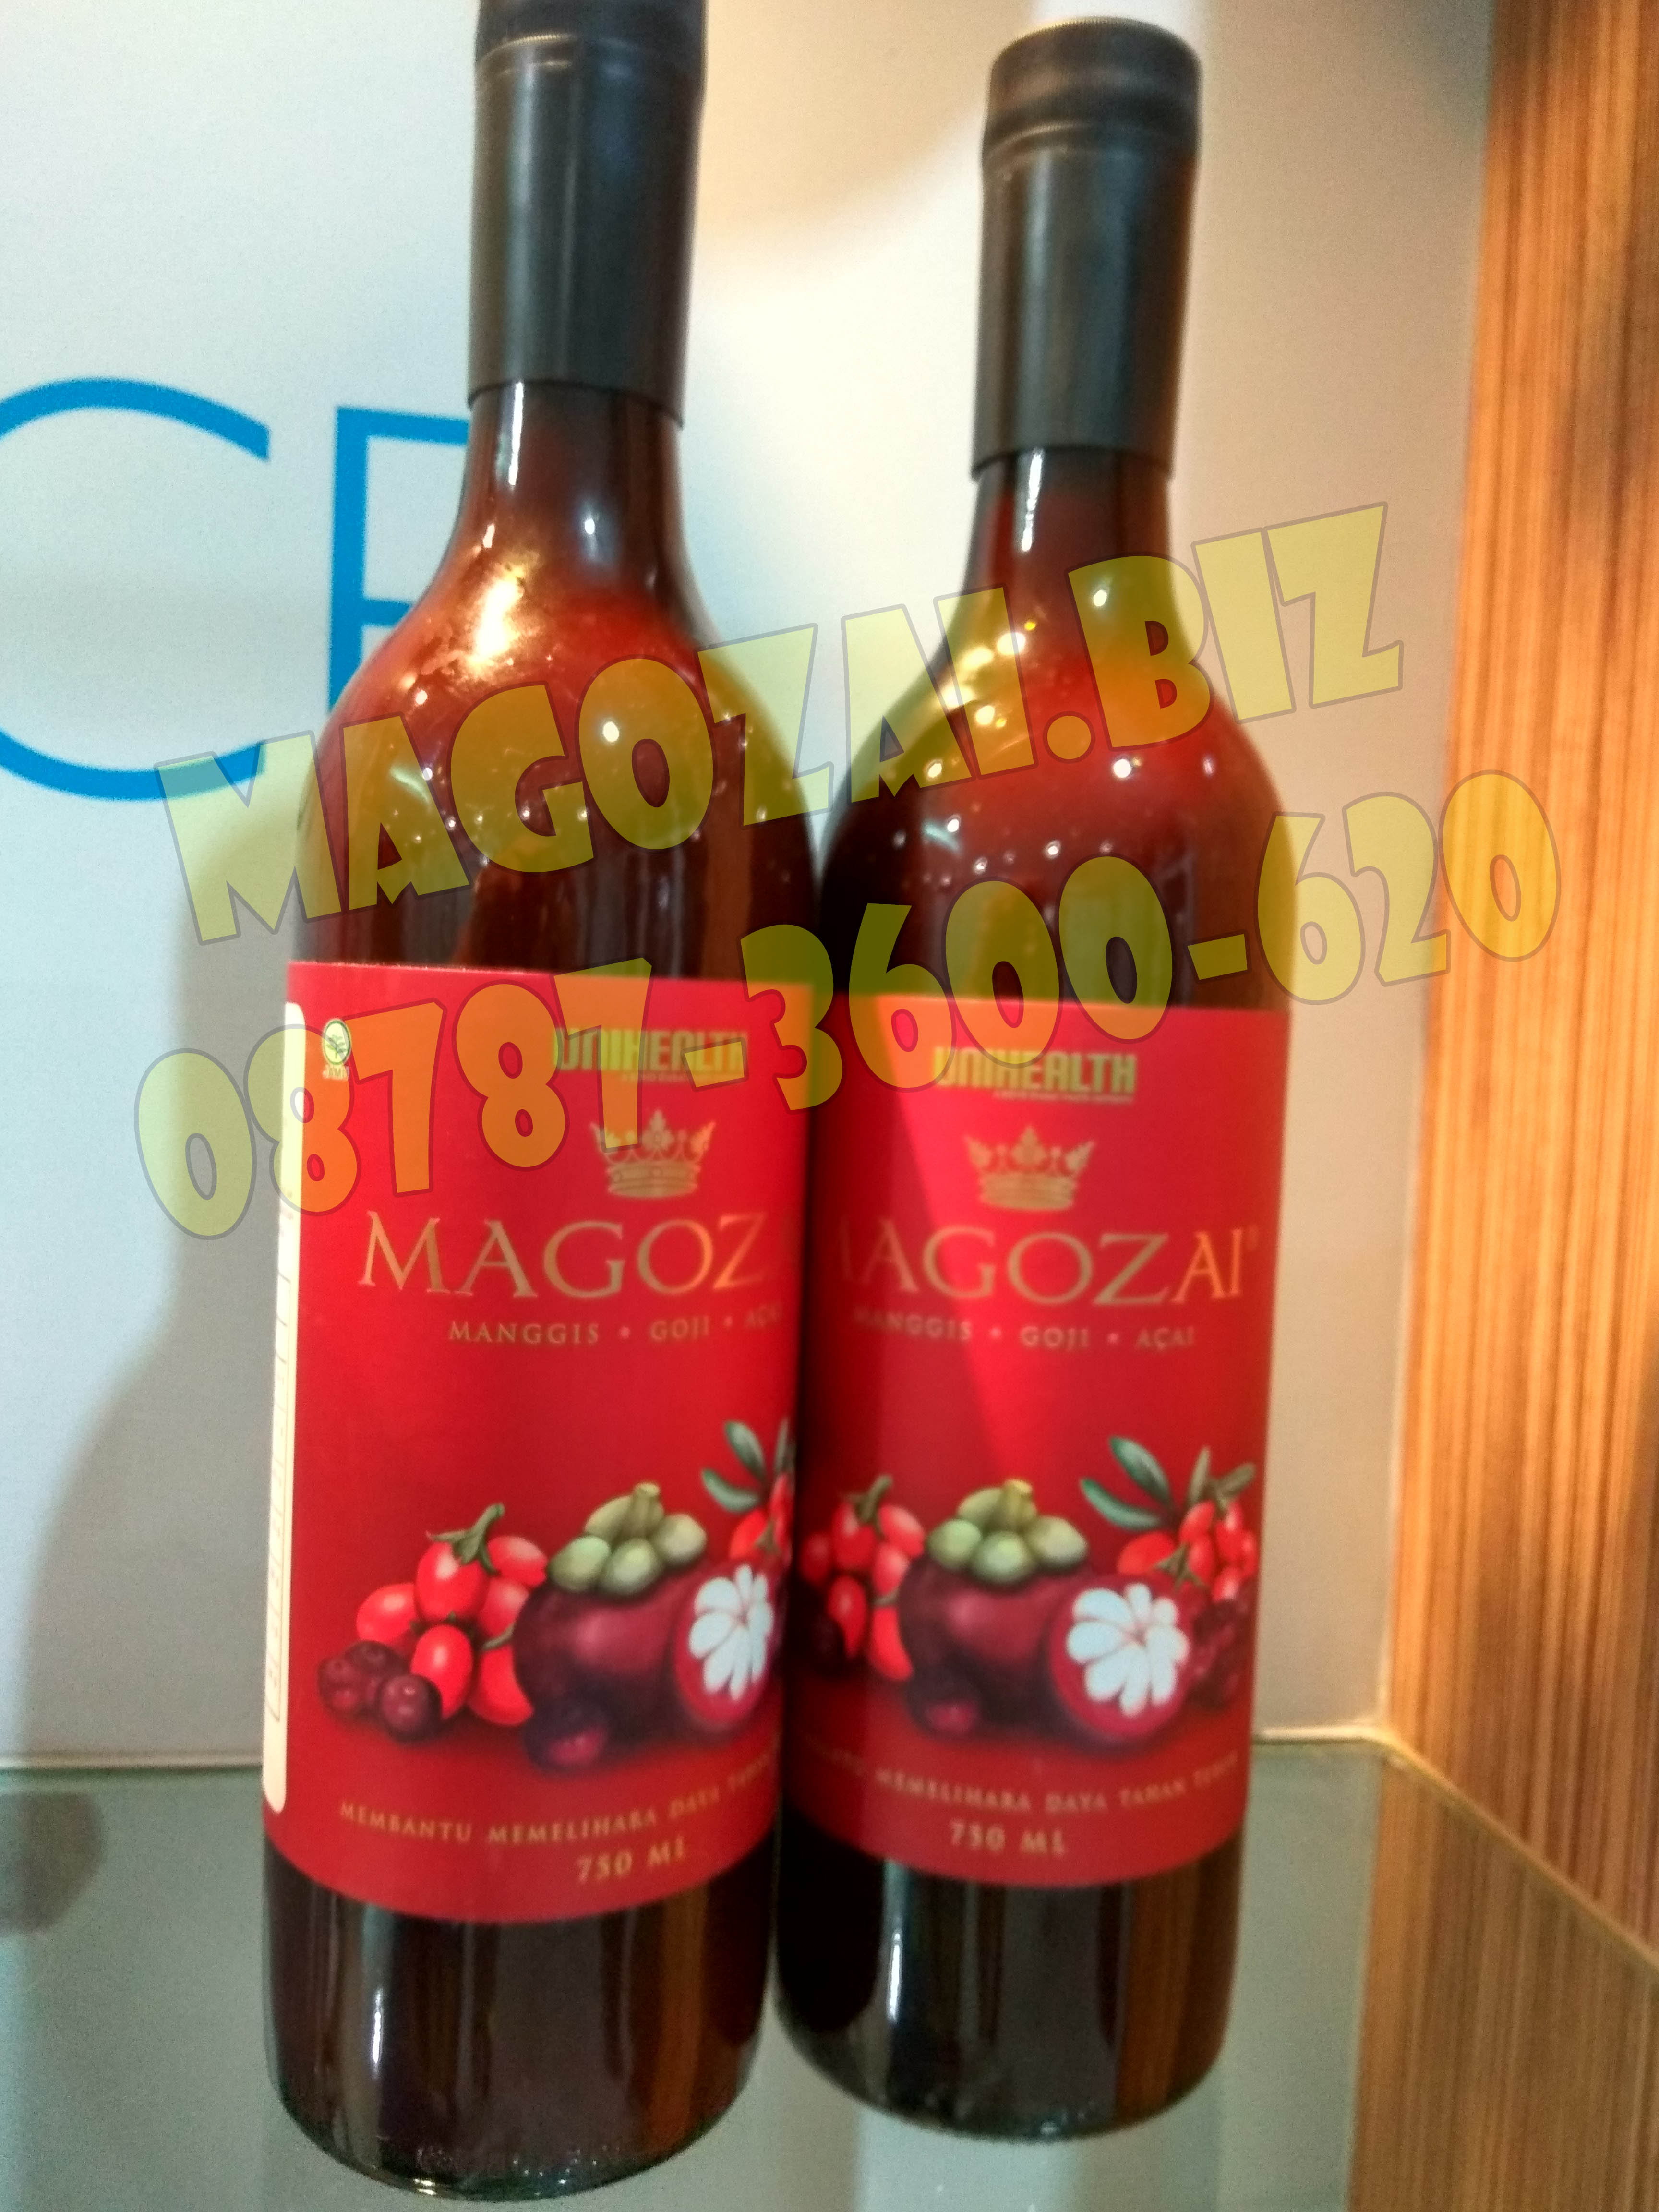 Distributor Jual Magozai temanggung jawa tengah 087887428148 NOVI – Magozai toko agen distributor jual obat herbal Soho